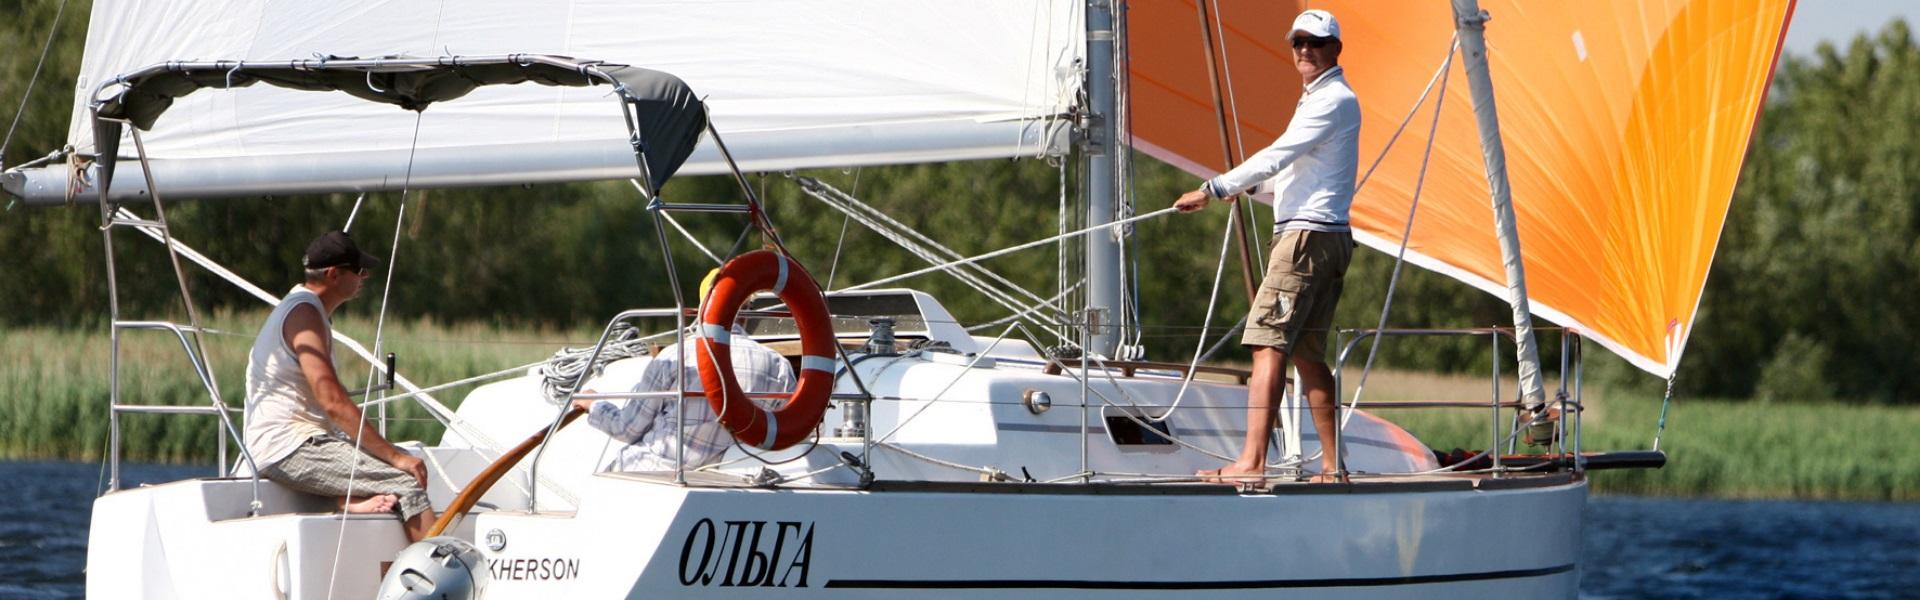 Аренда яхты «Ольга» в Херсоне